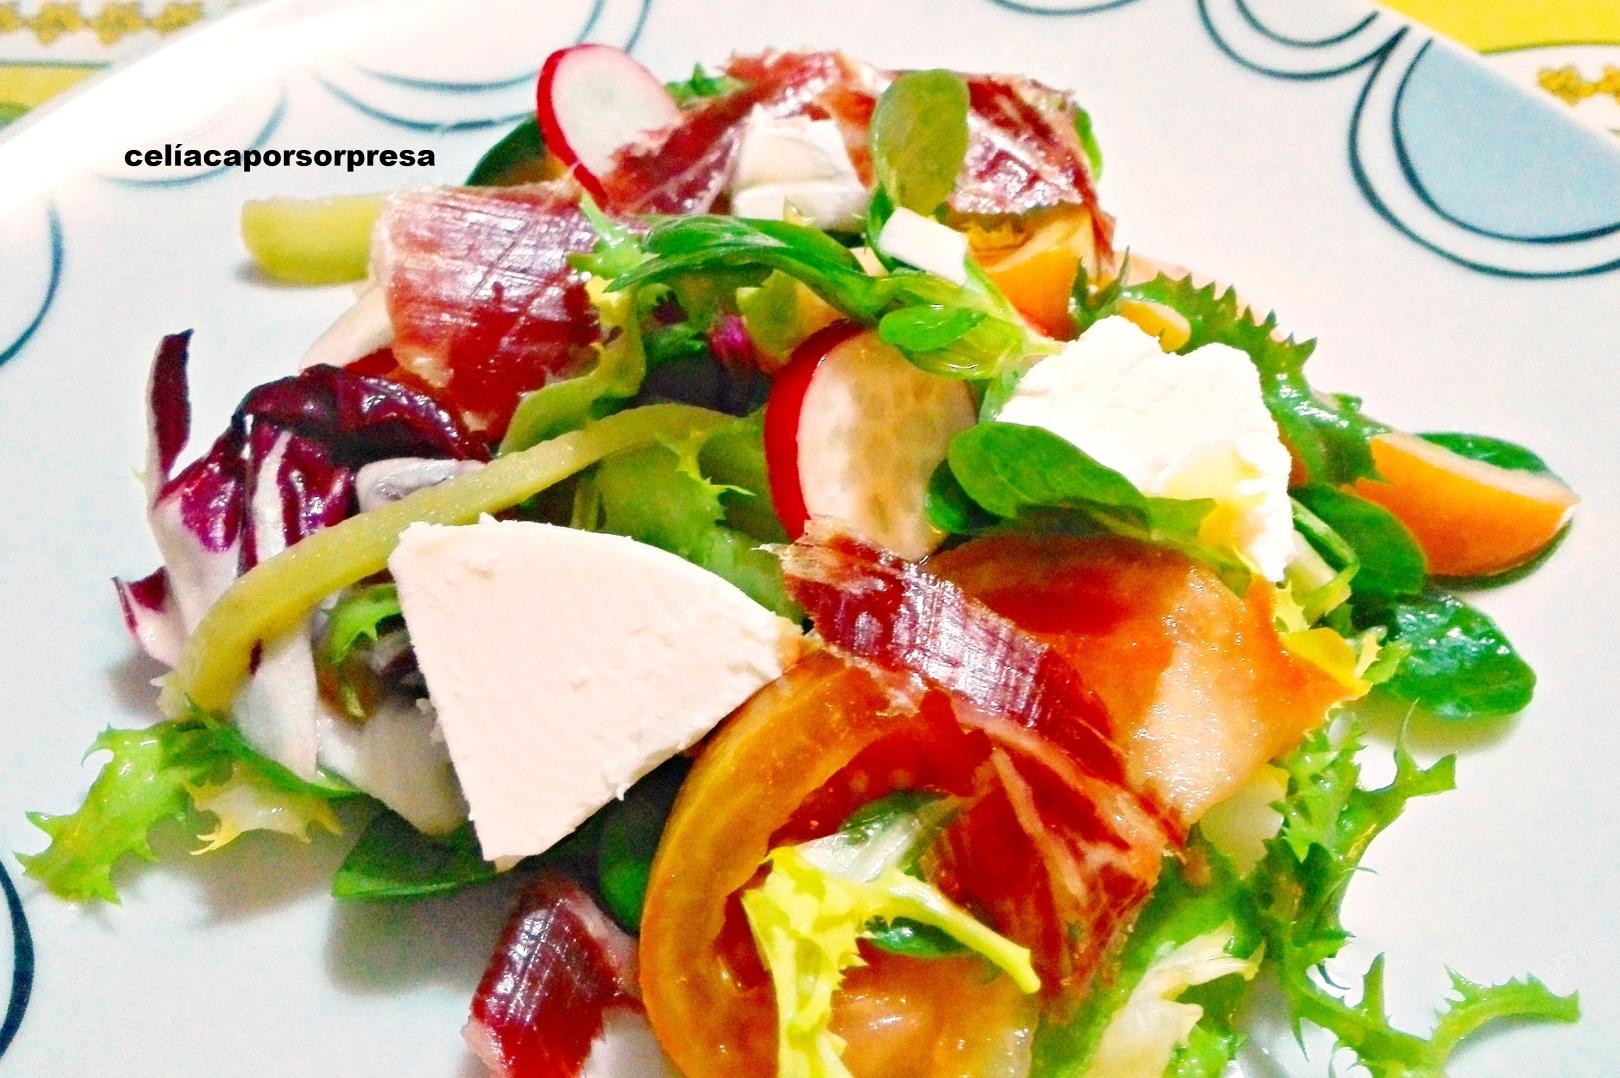 ensalada-verde-con-rulo-de-cabra-rabanitos-y-paleta-iberica